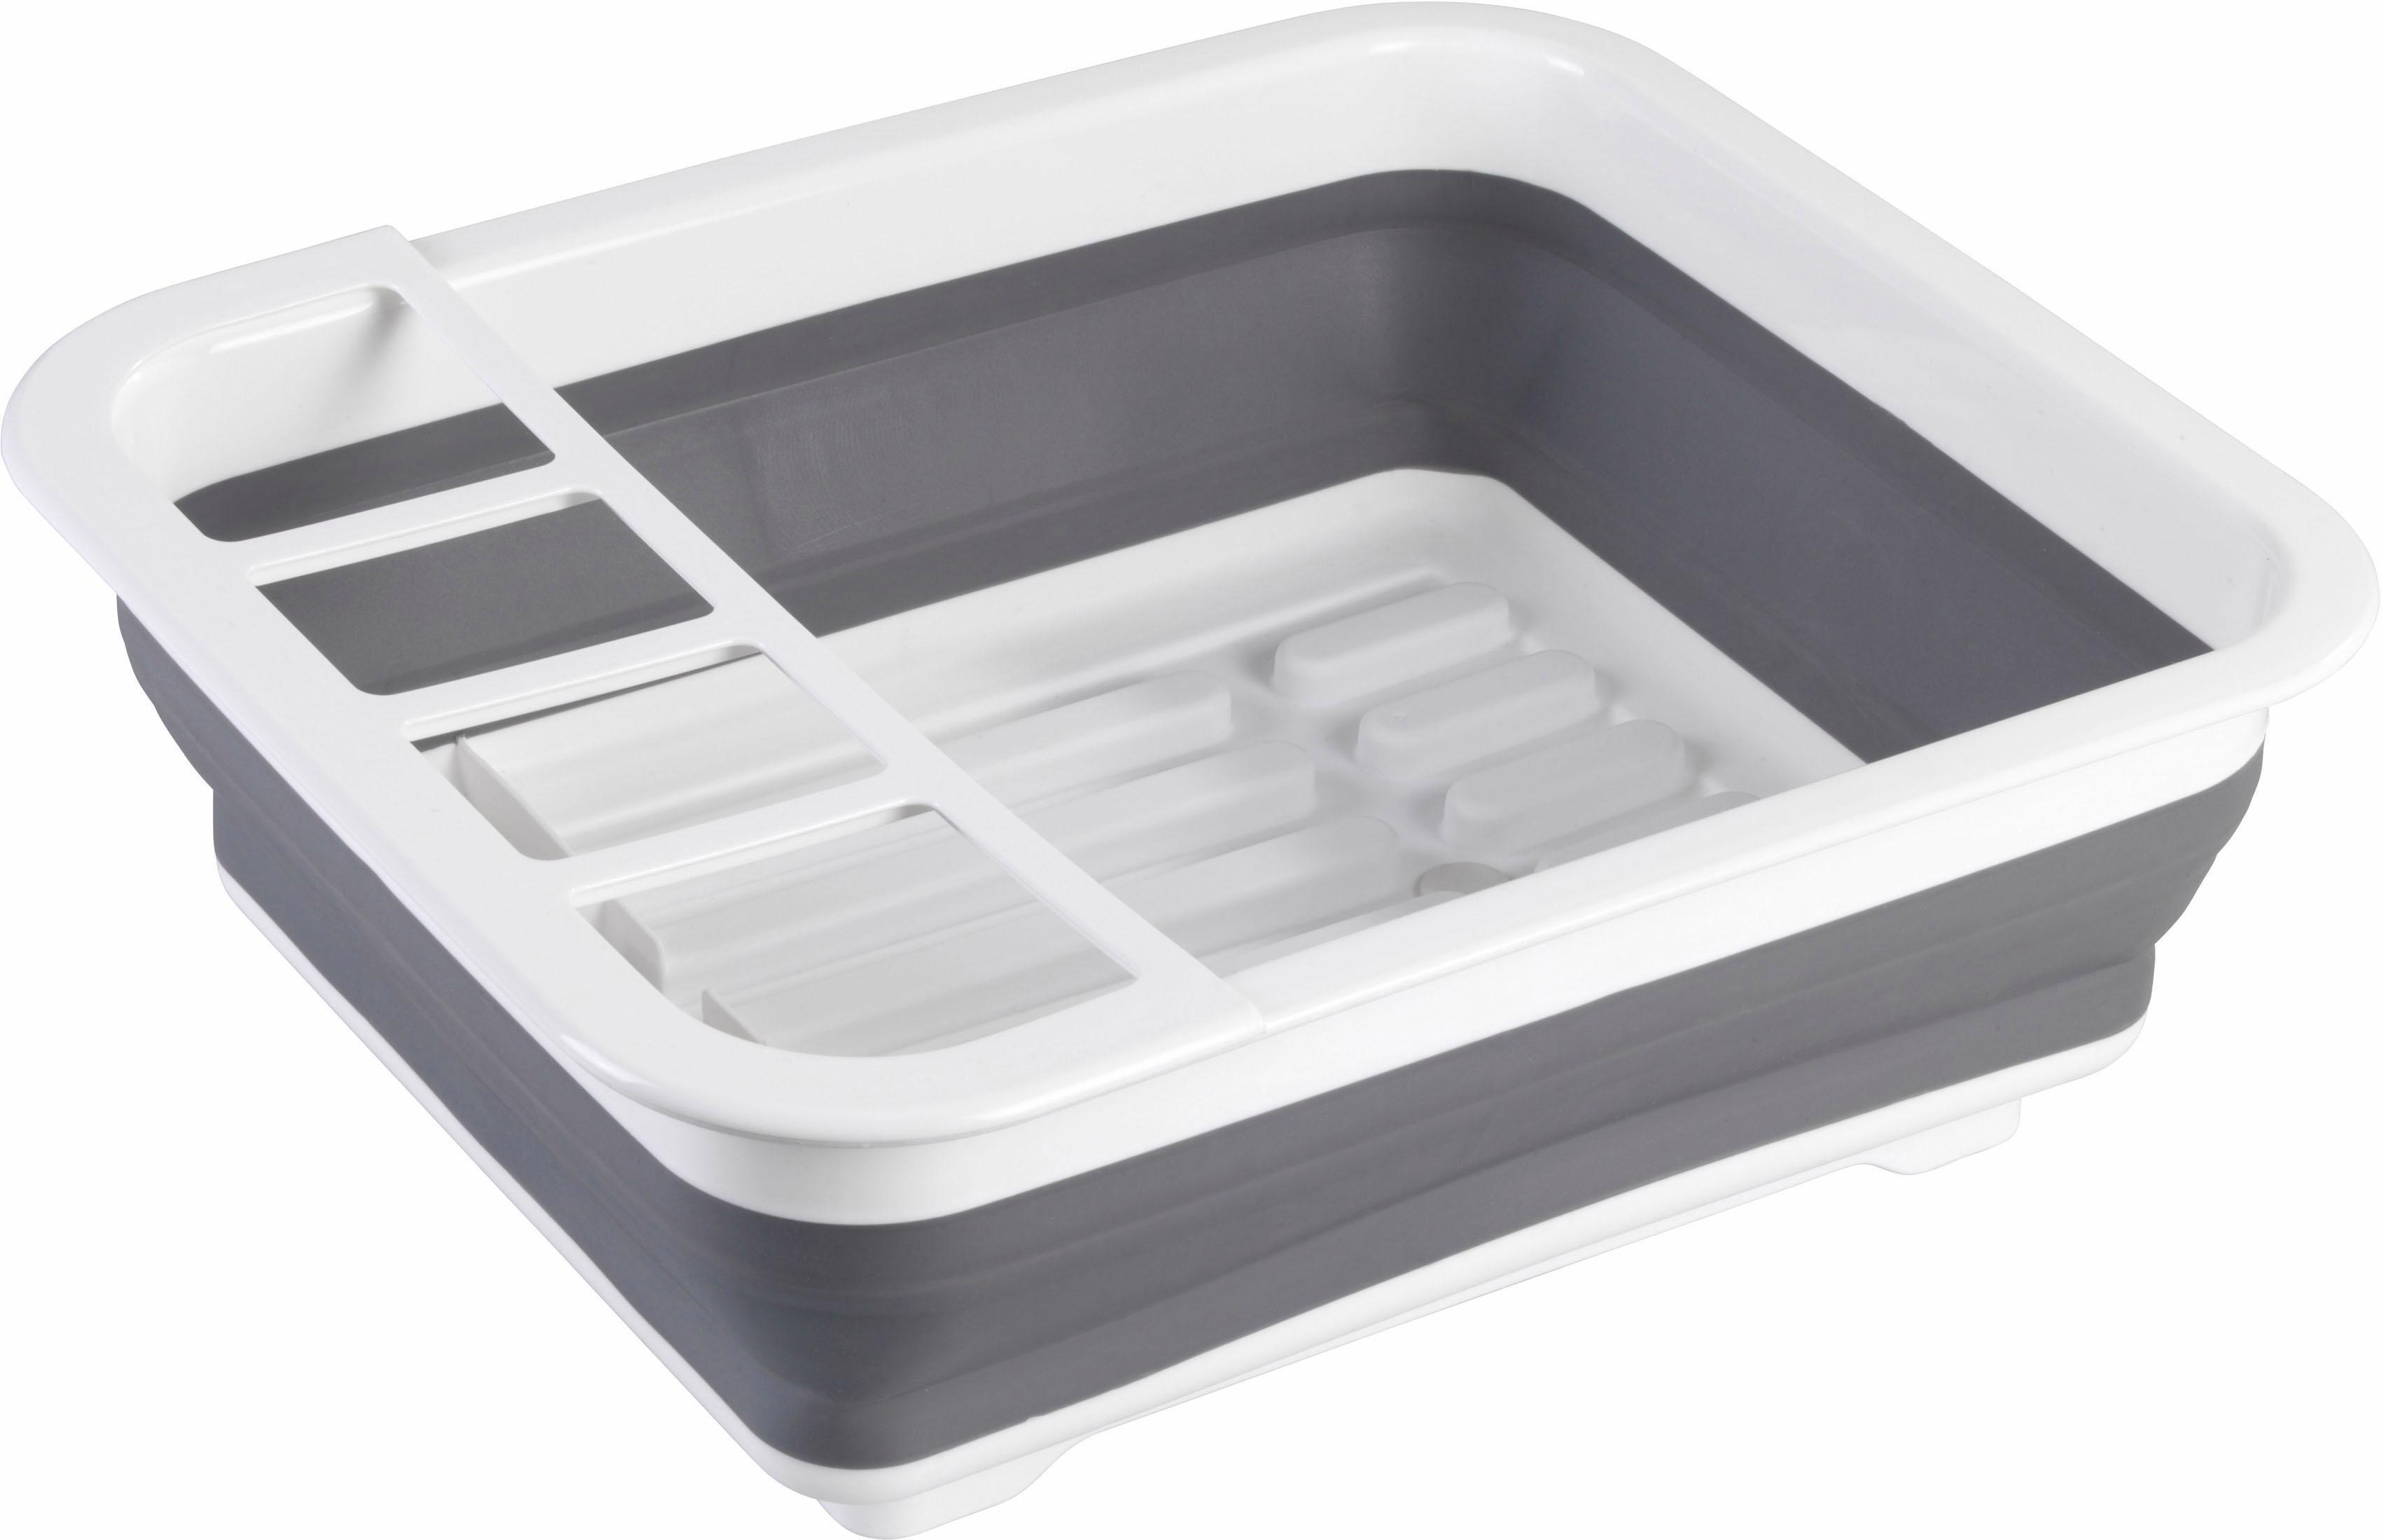 WENKO Geschirrständer, Maße ca.: 36,5 x 31 13 cm grau Küchenaccessoires Wohnaccessoires Geschirrständer